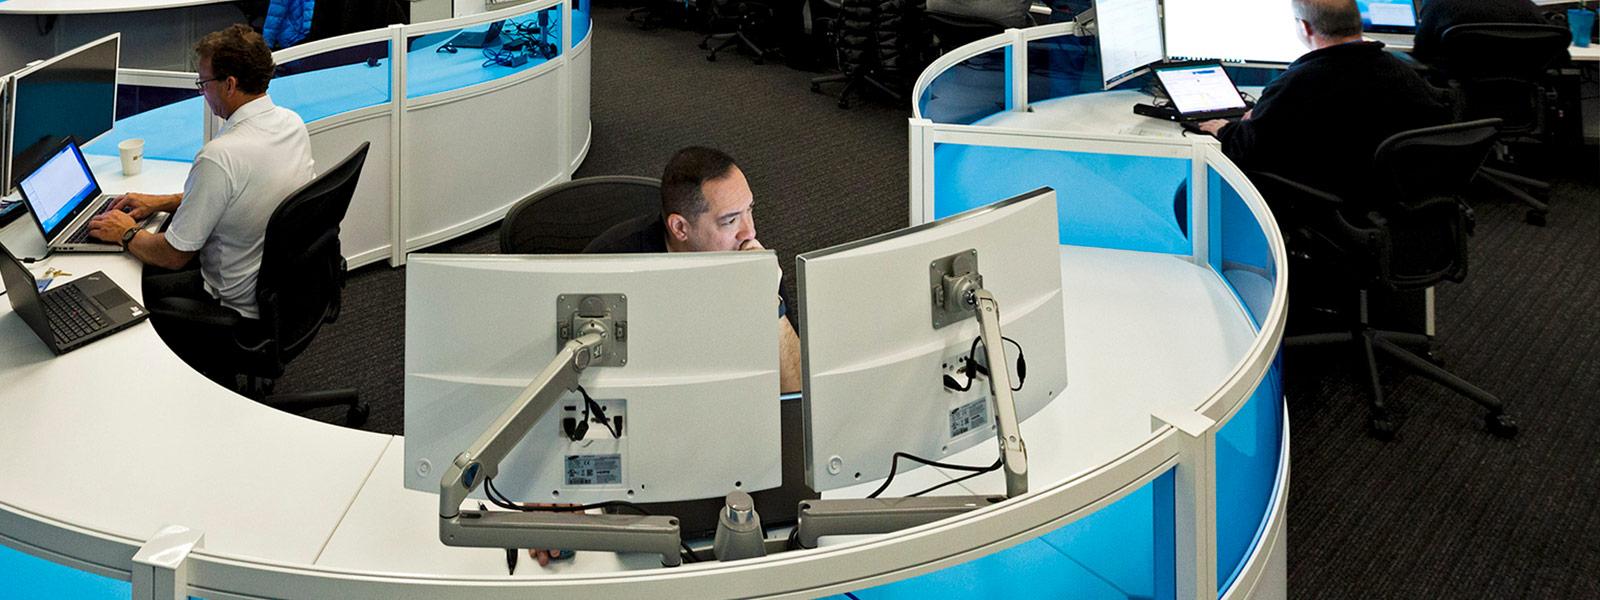 2대의 모니터를 보고 있는 사이버 보안 센터의 남성